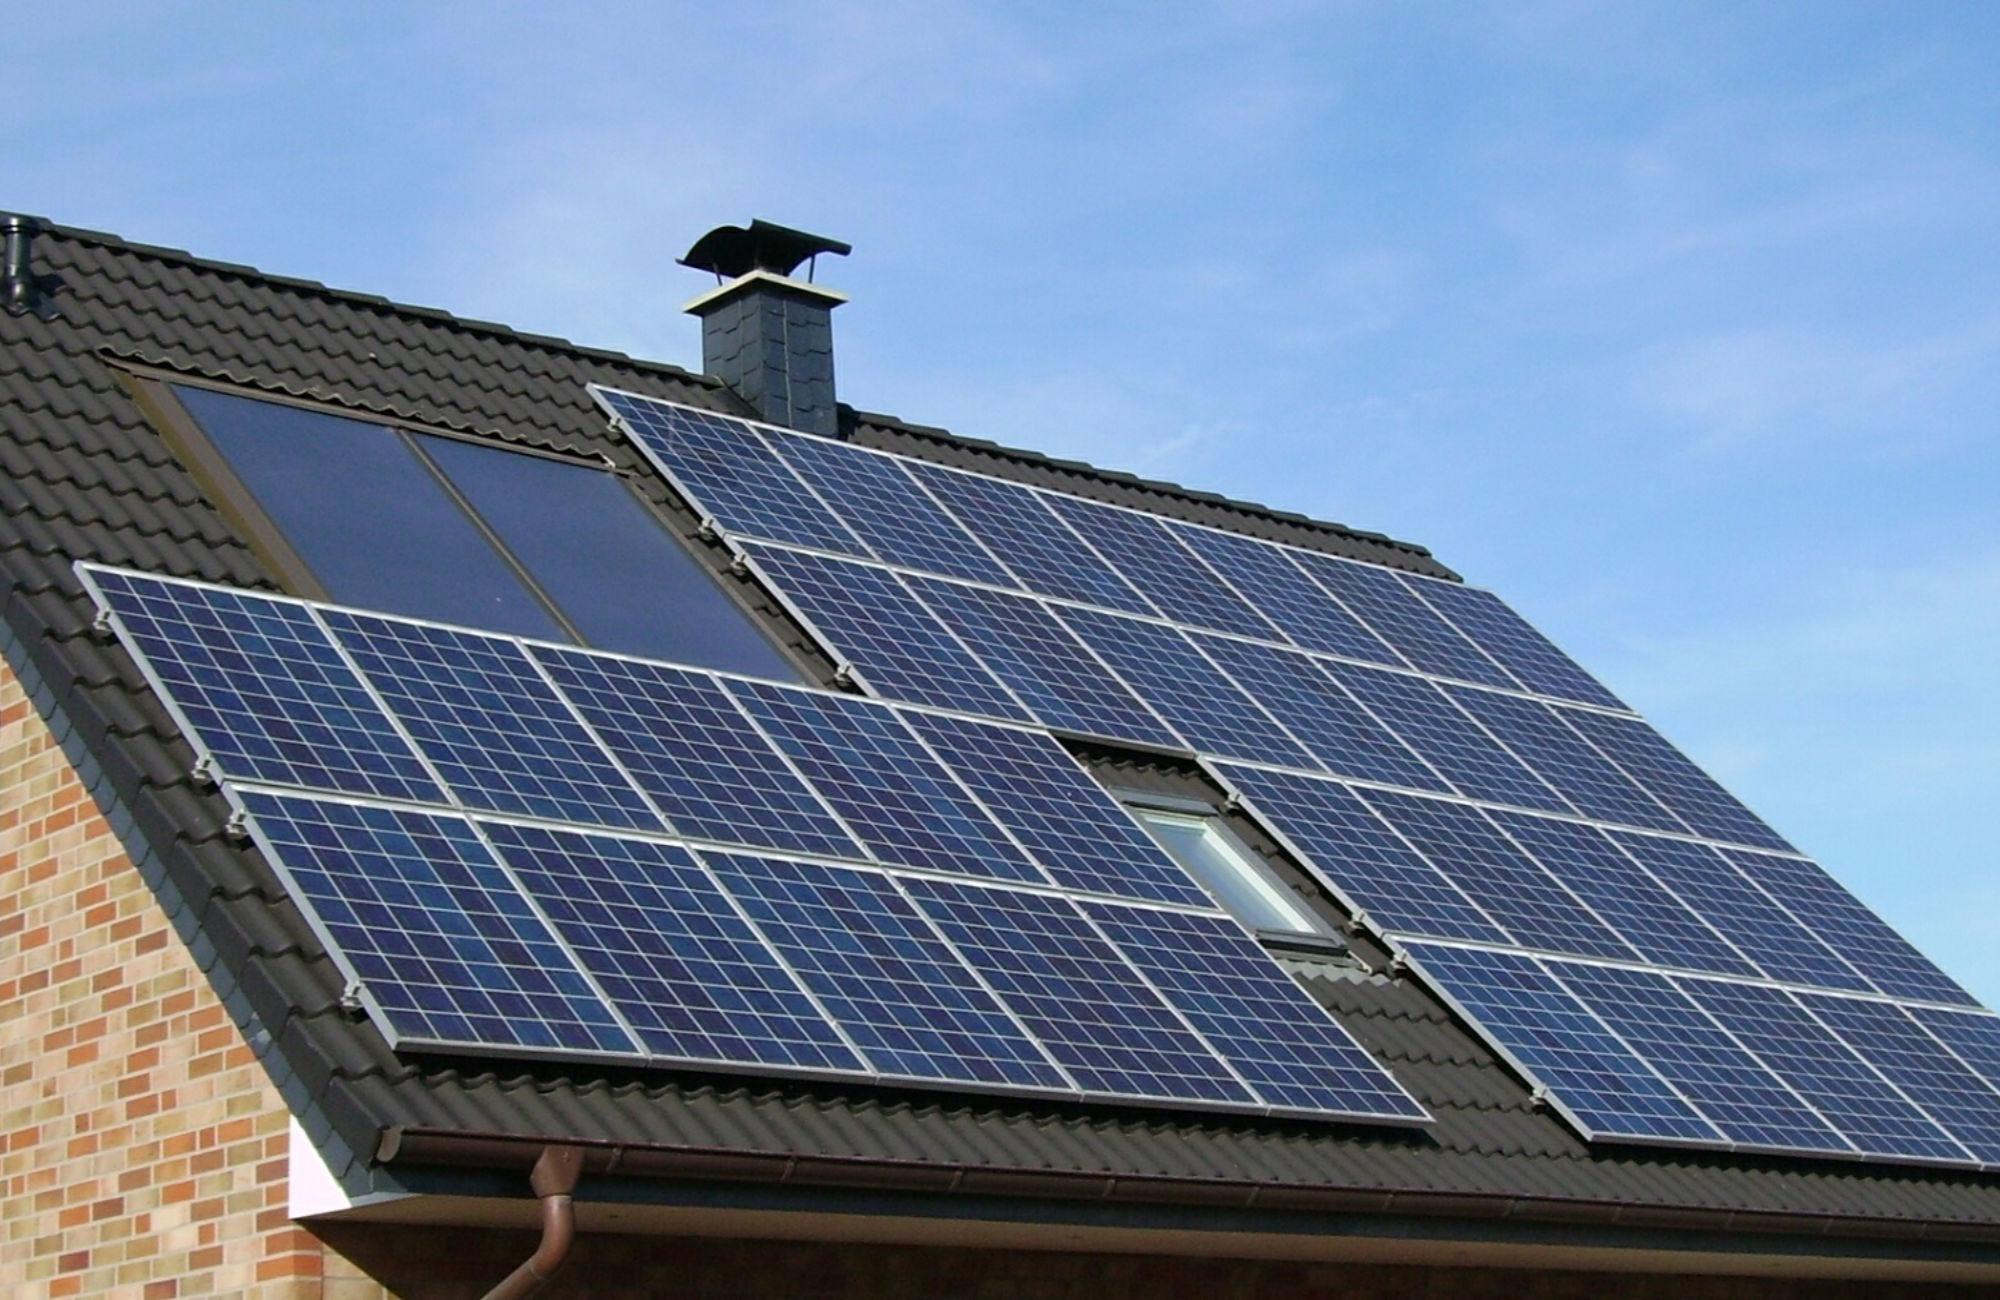 Installez des panneaux solaires et bénéficiez d'avantages fiscaux considérables !